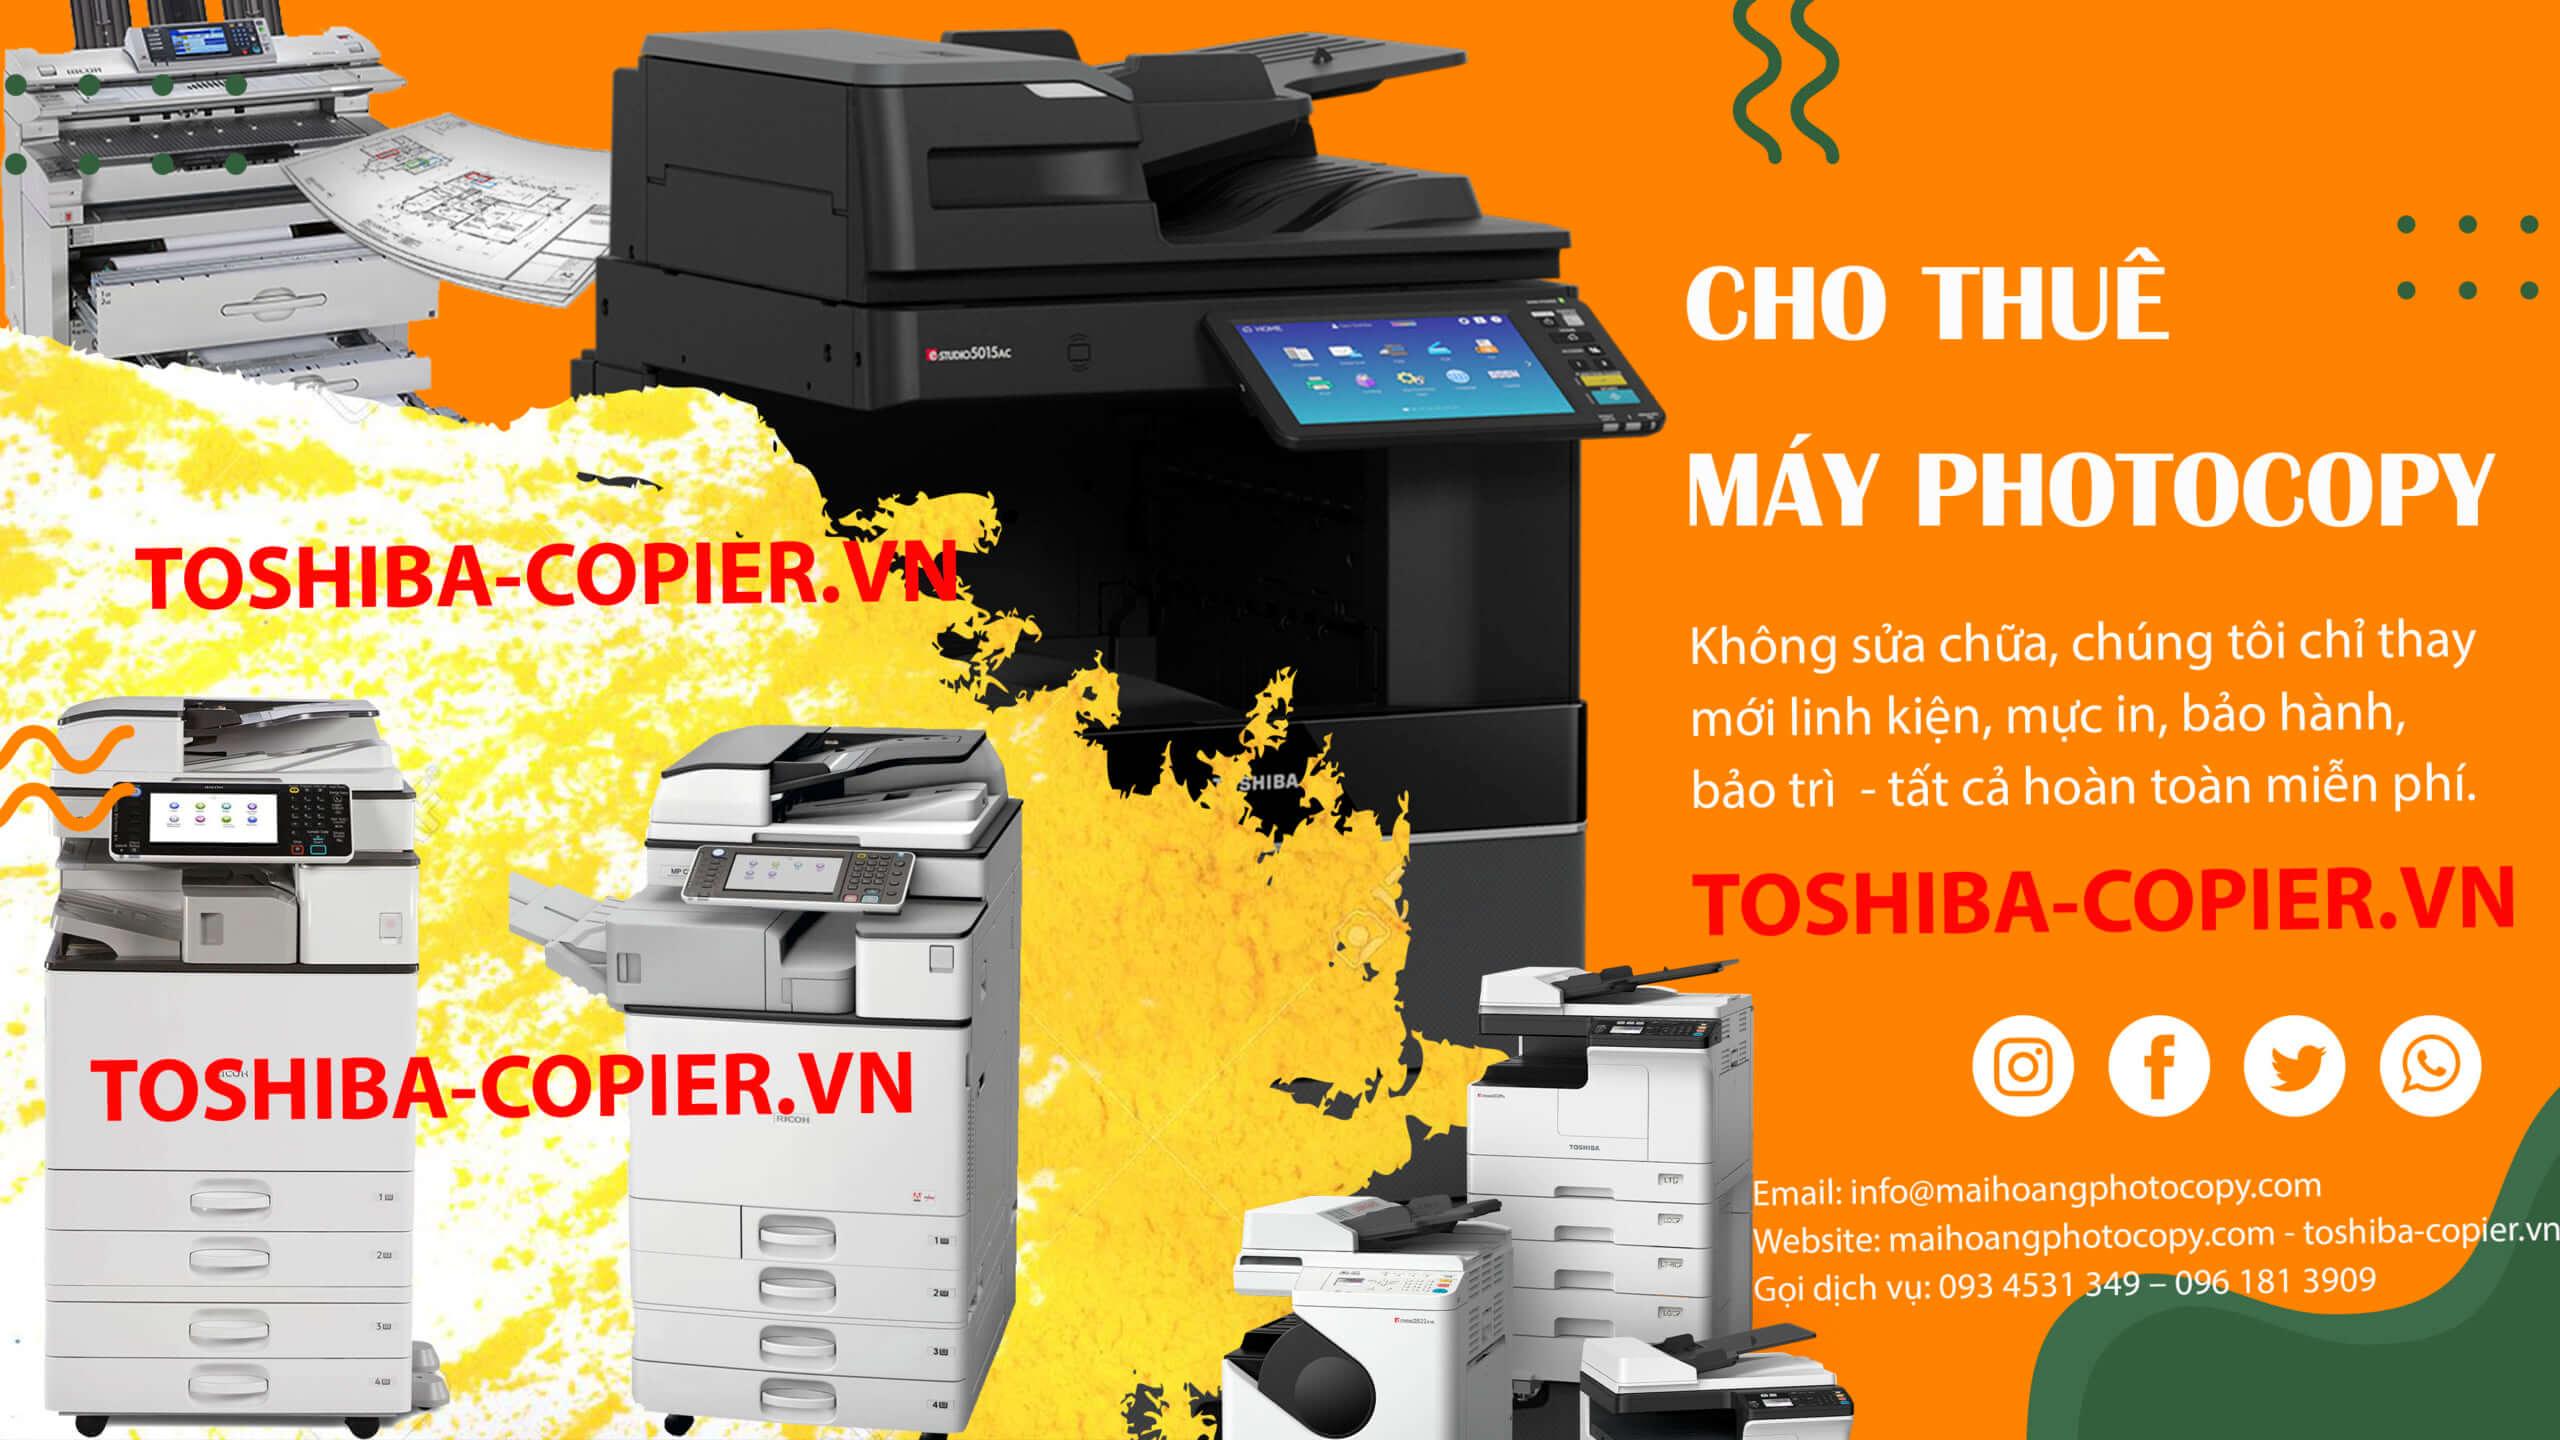 cho thuê máy photocoy đen trắng